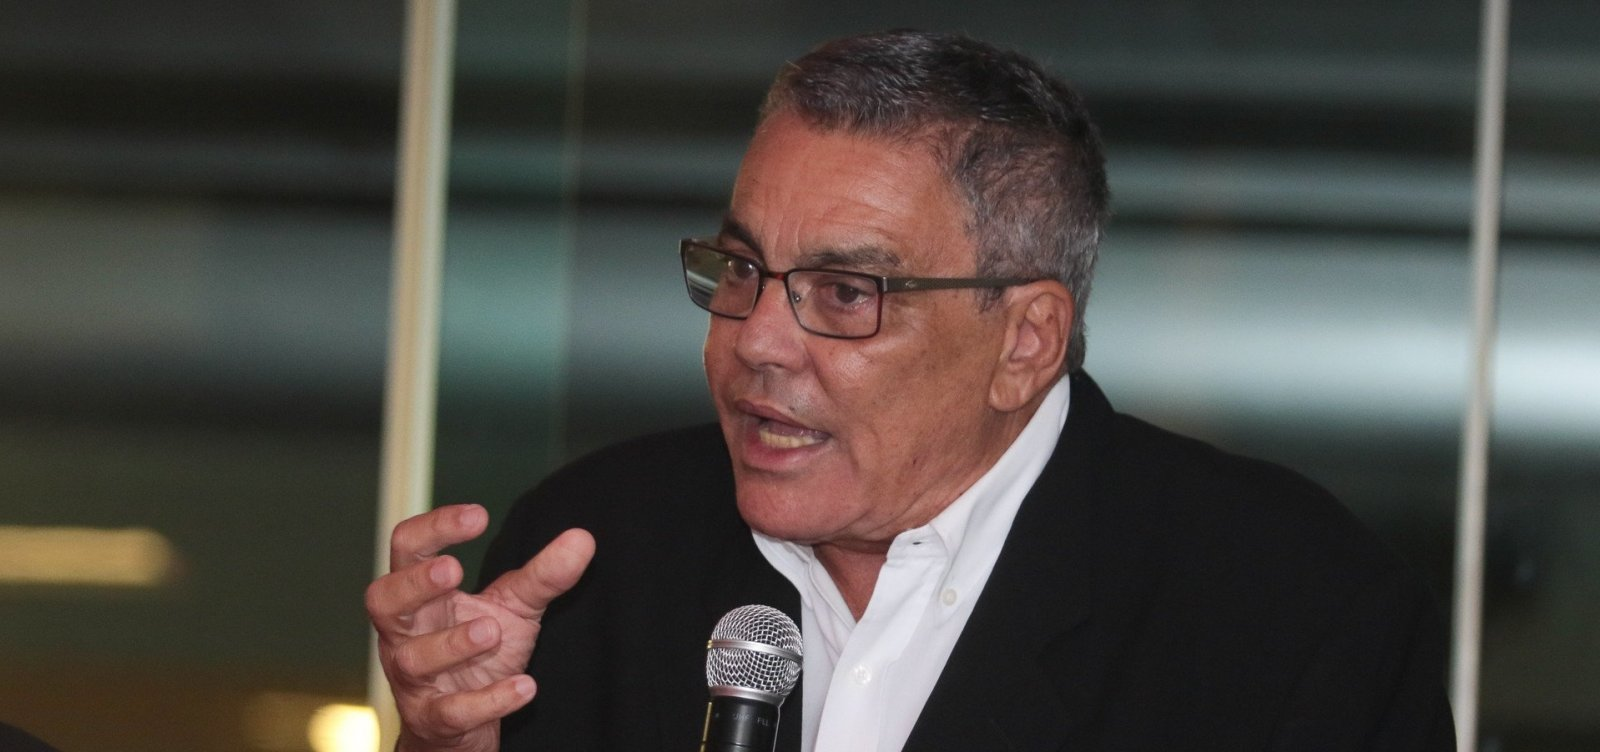 [Presidente do Vitória publica fake news sobre Chico Buarque e diz que vídeo 'desmascara' o cantor]